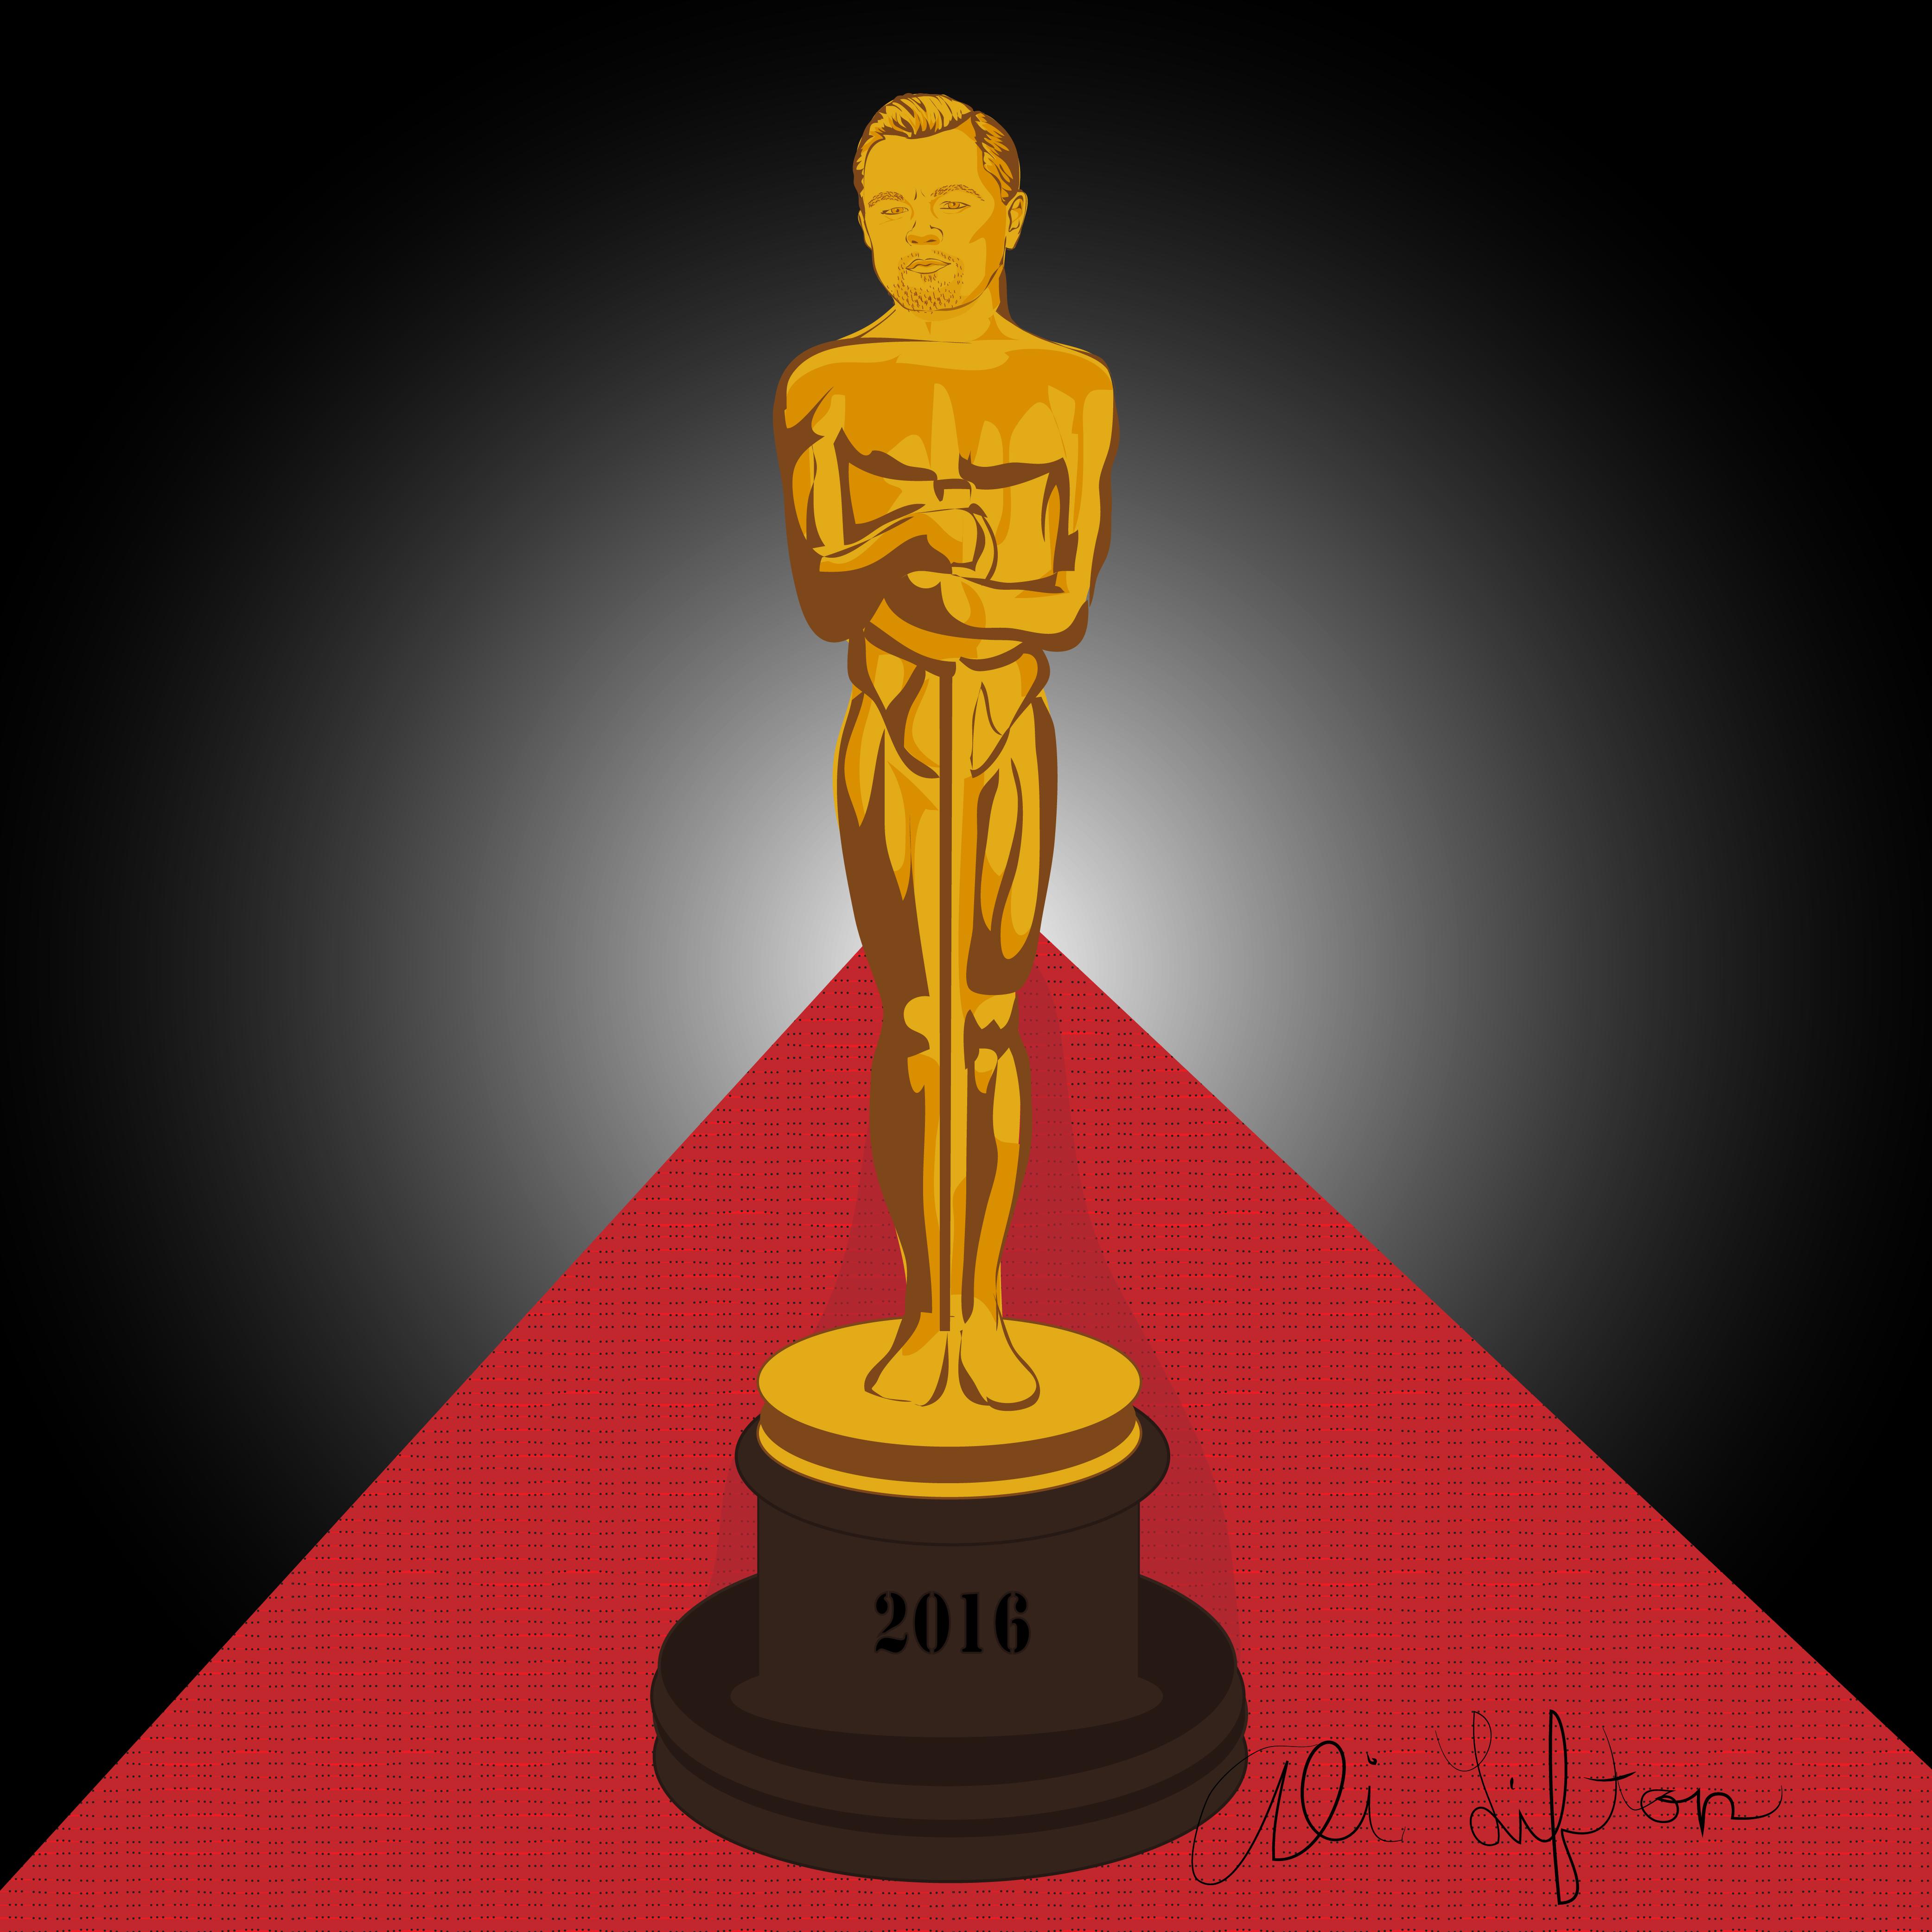 Leonardo Dicaprio as an Oscar